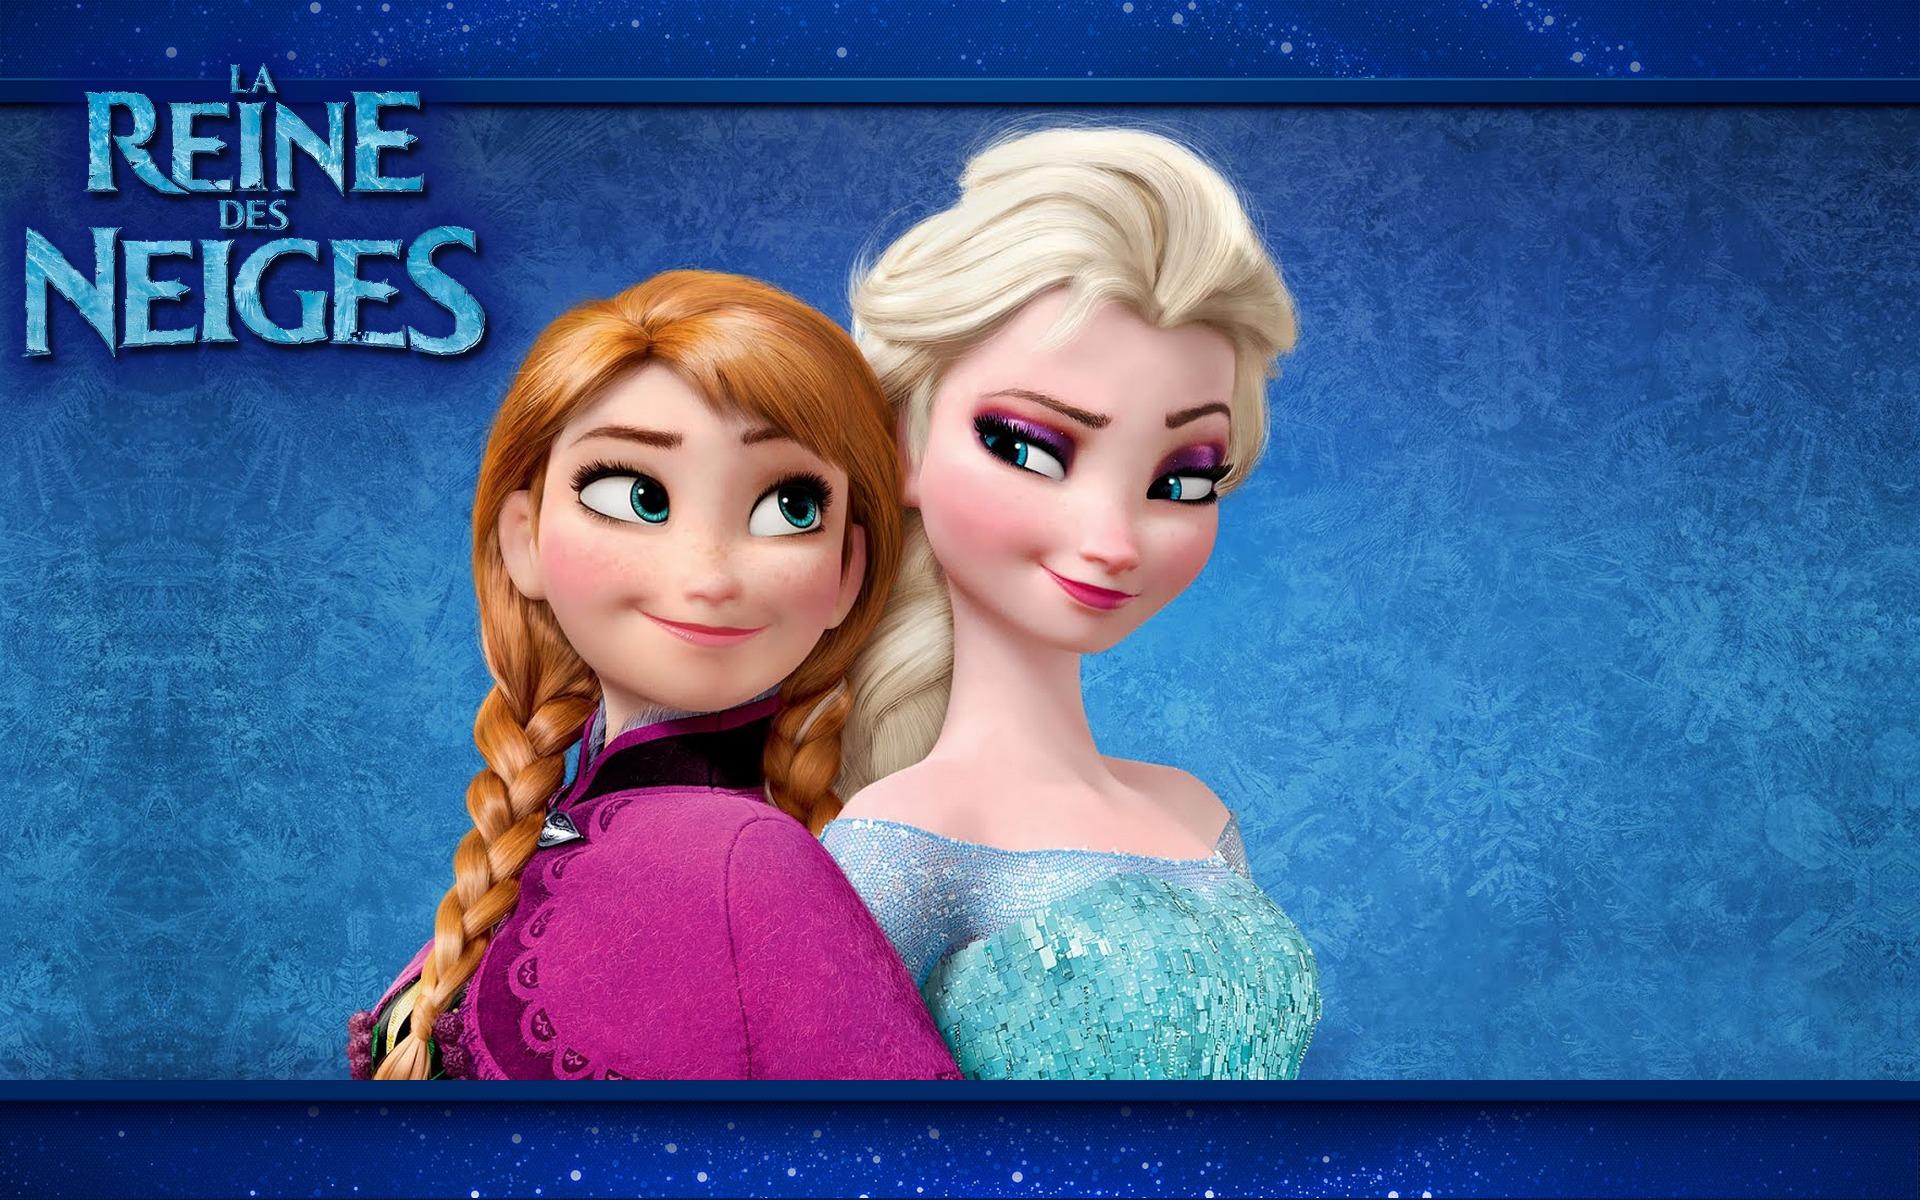 fond dcran anna et elsa la reine des neiges - La Reine Des Neiges Elsa